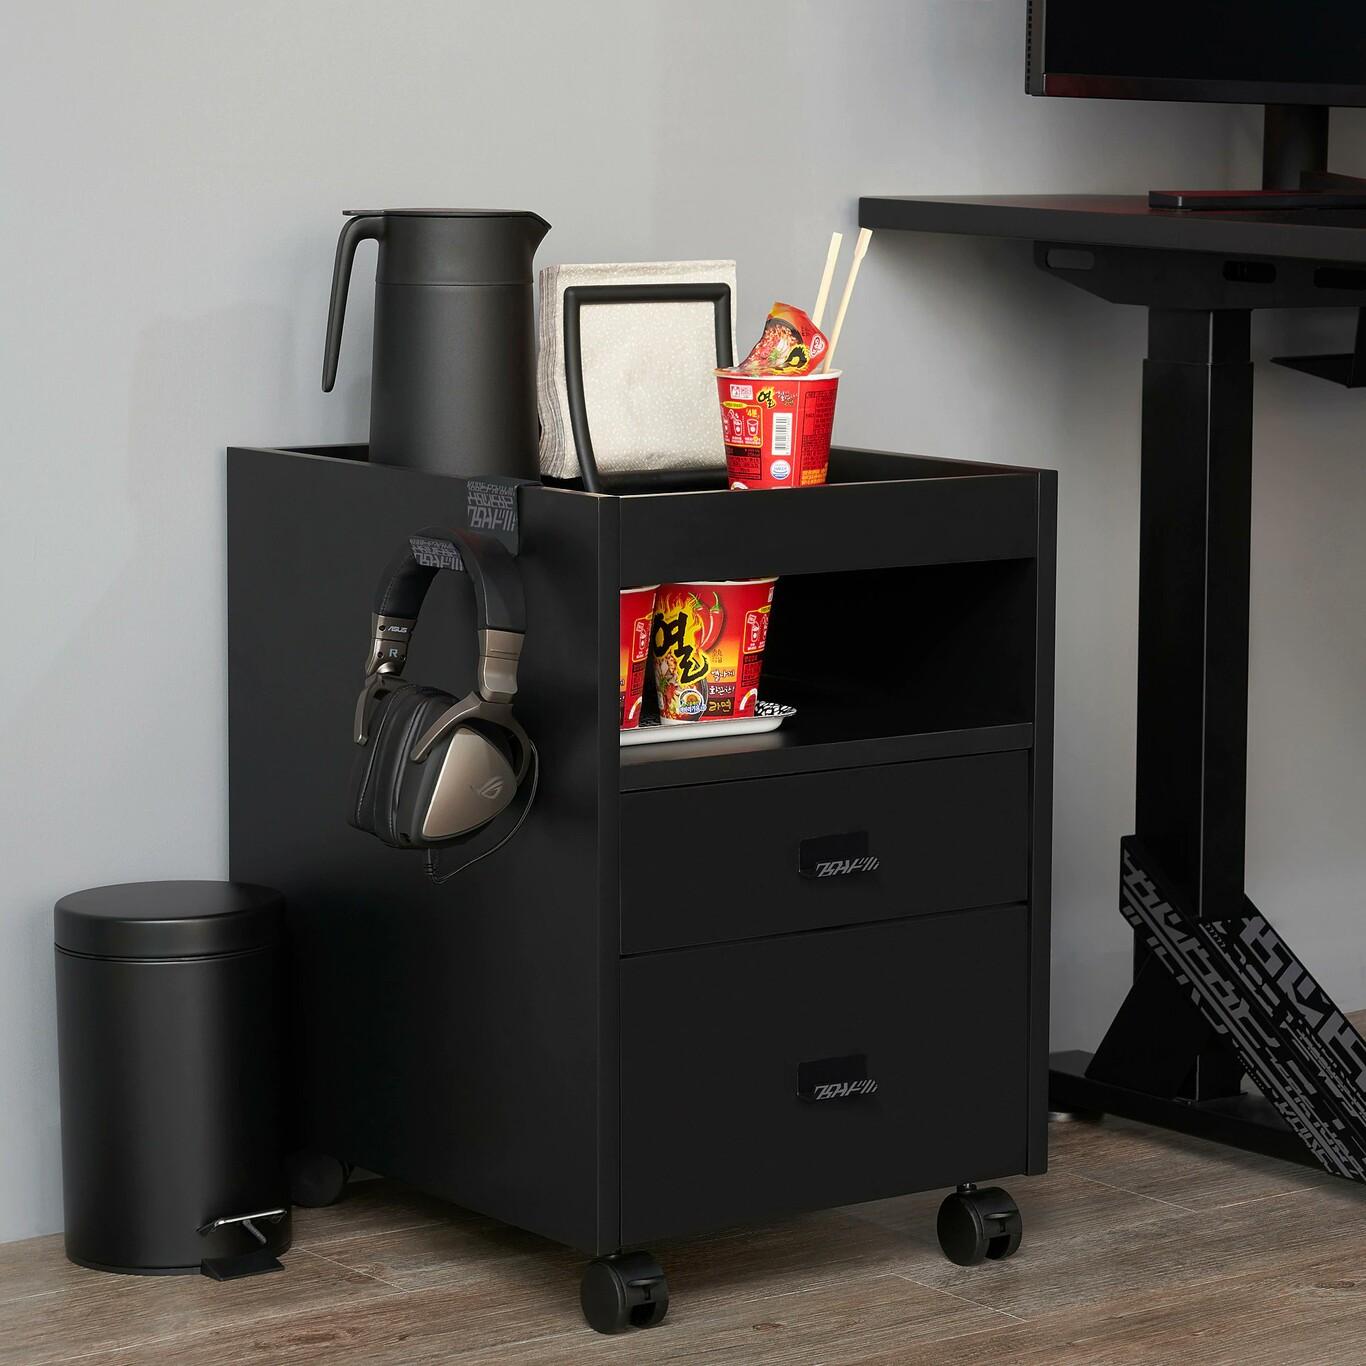 Ikea y Asus lanzarán una línea de muebles gaming en 2021 12